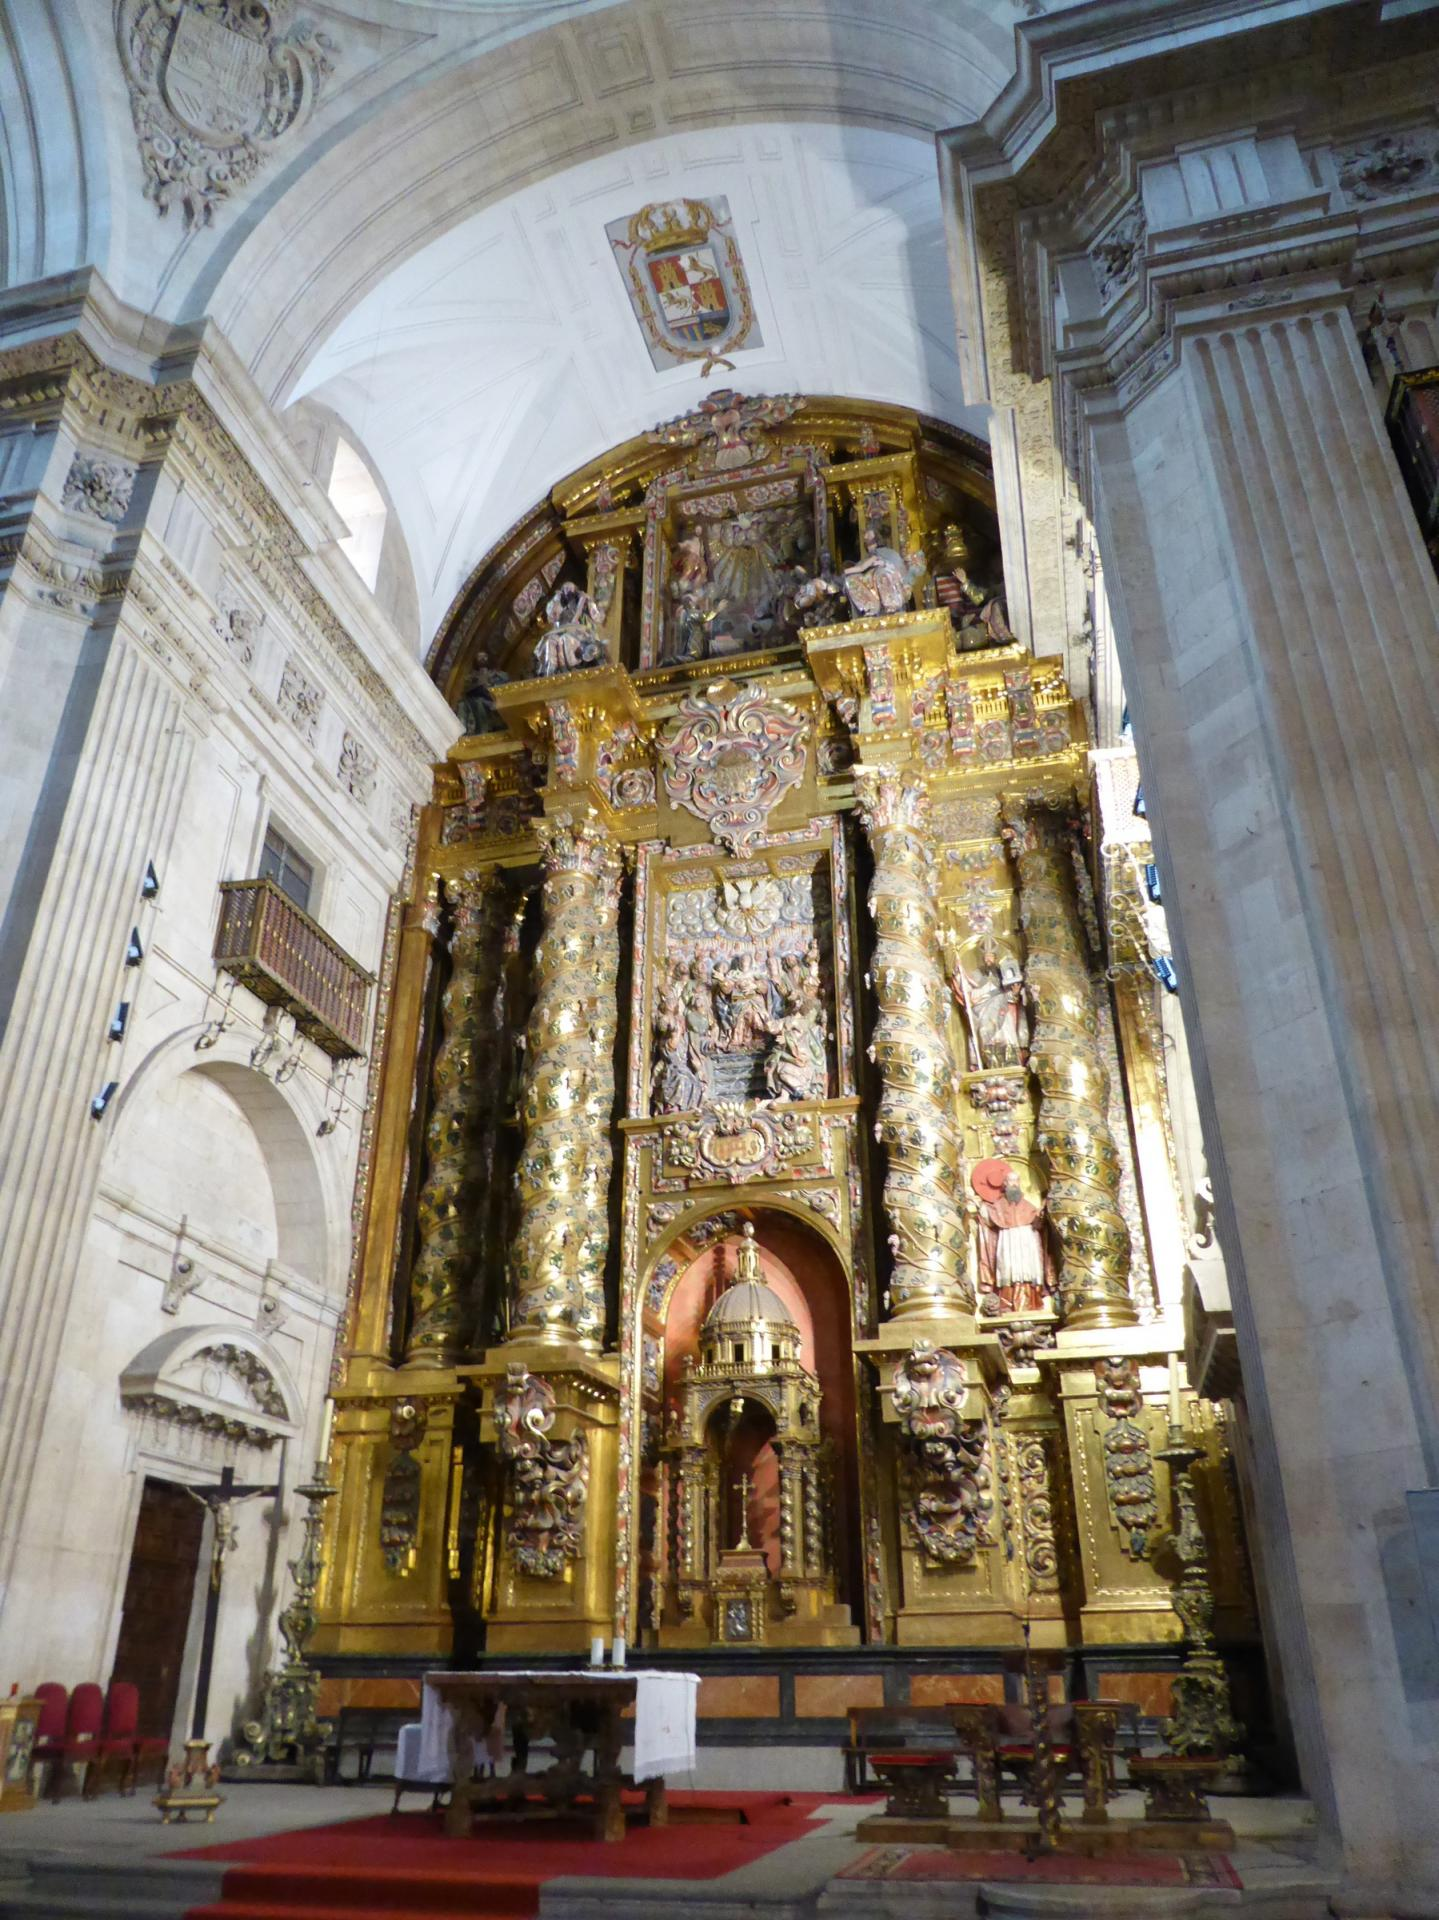 Retable de l'autel majeur, XVIIe siècle, cl. Ph. Cachau